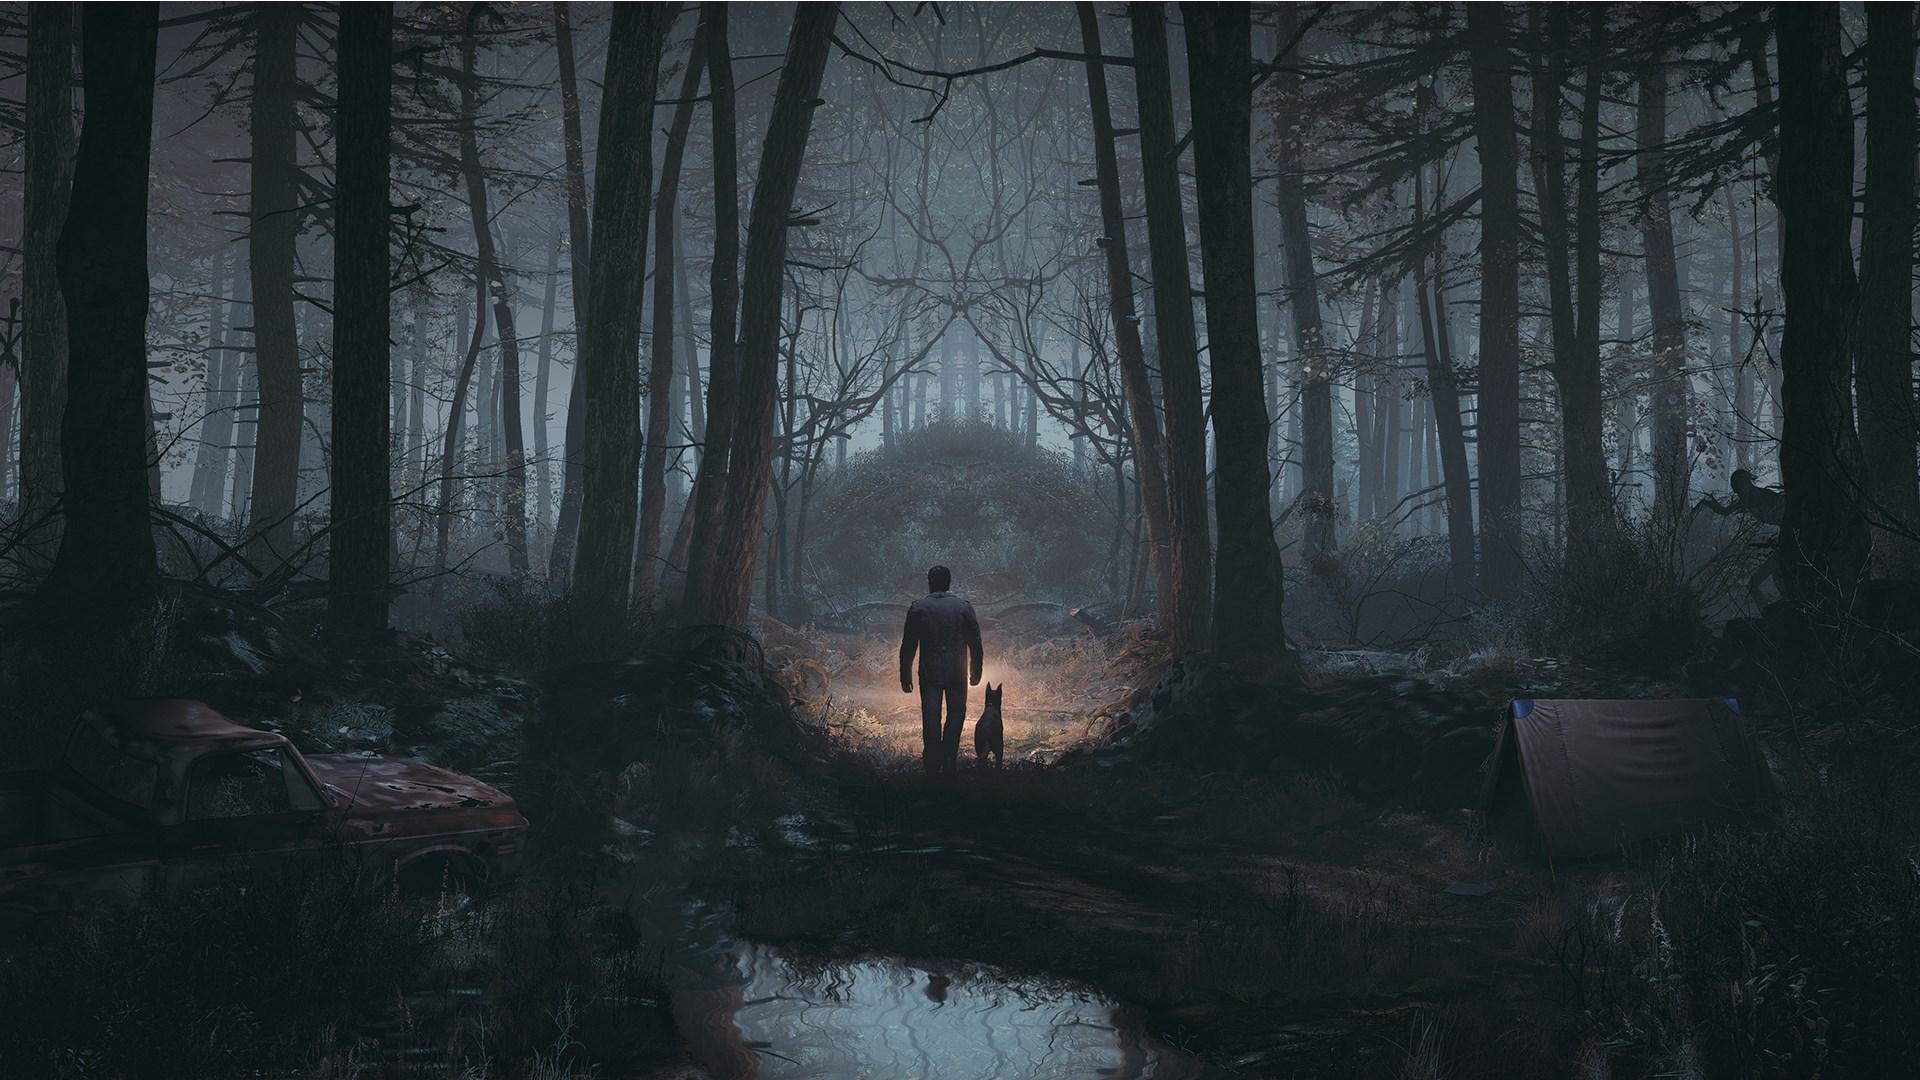 به اتمام رساندن داستان بازی Blair Witch پنج الی شش ساعت به طول خواهد انجامید